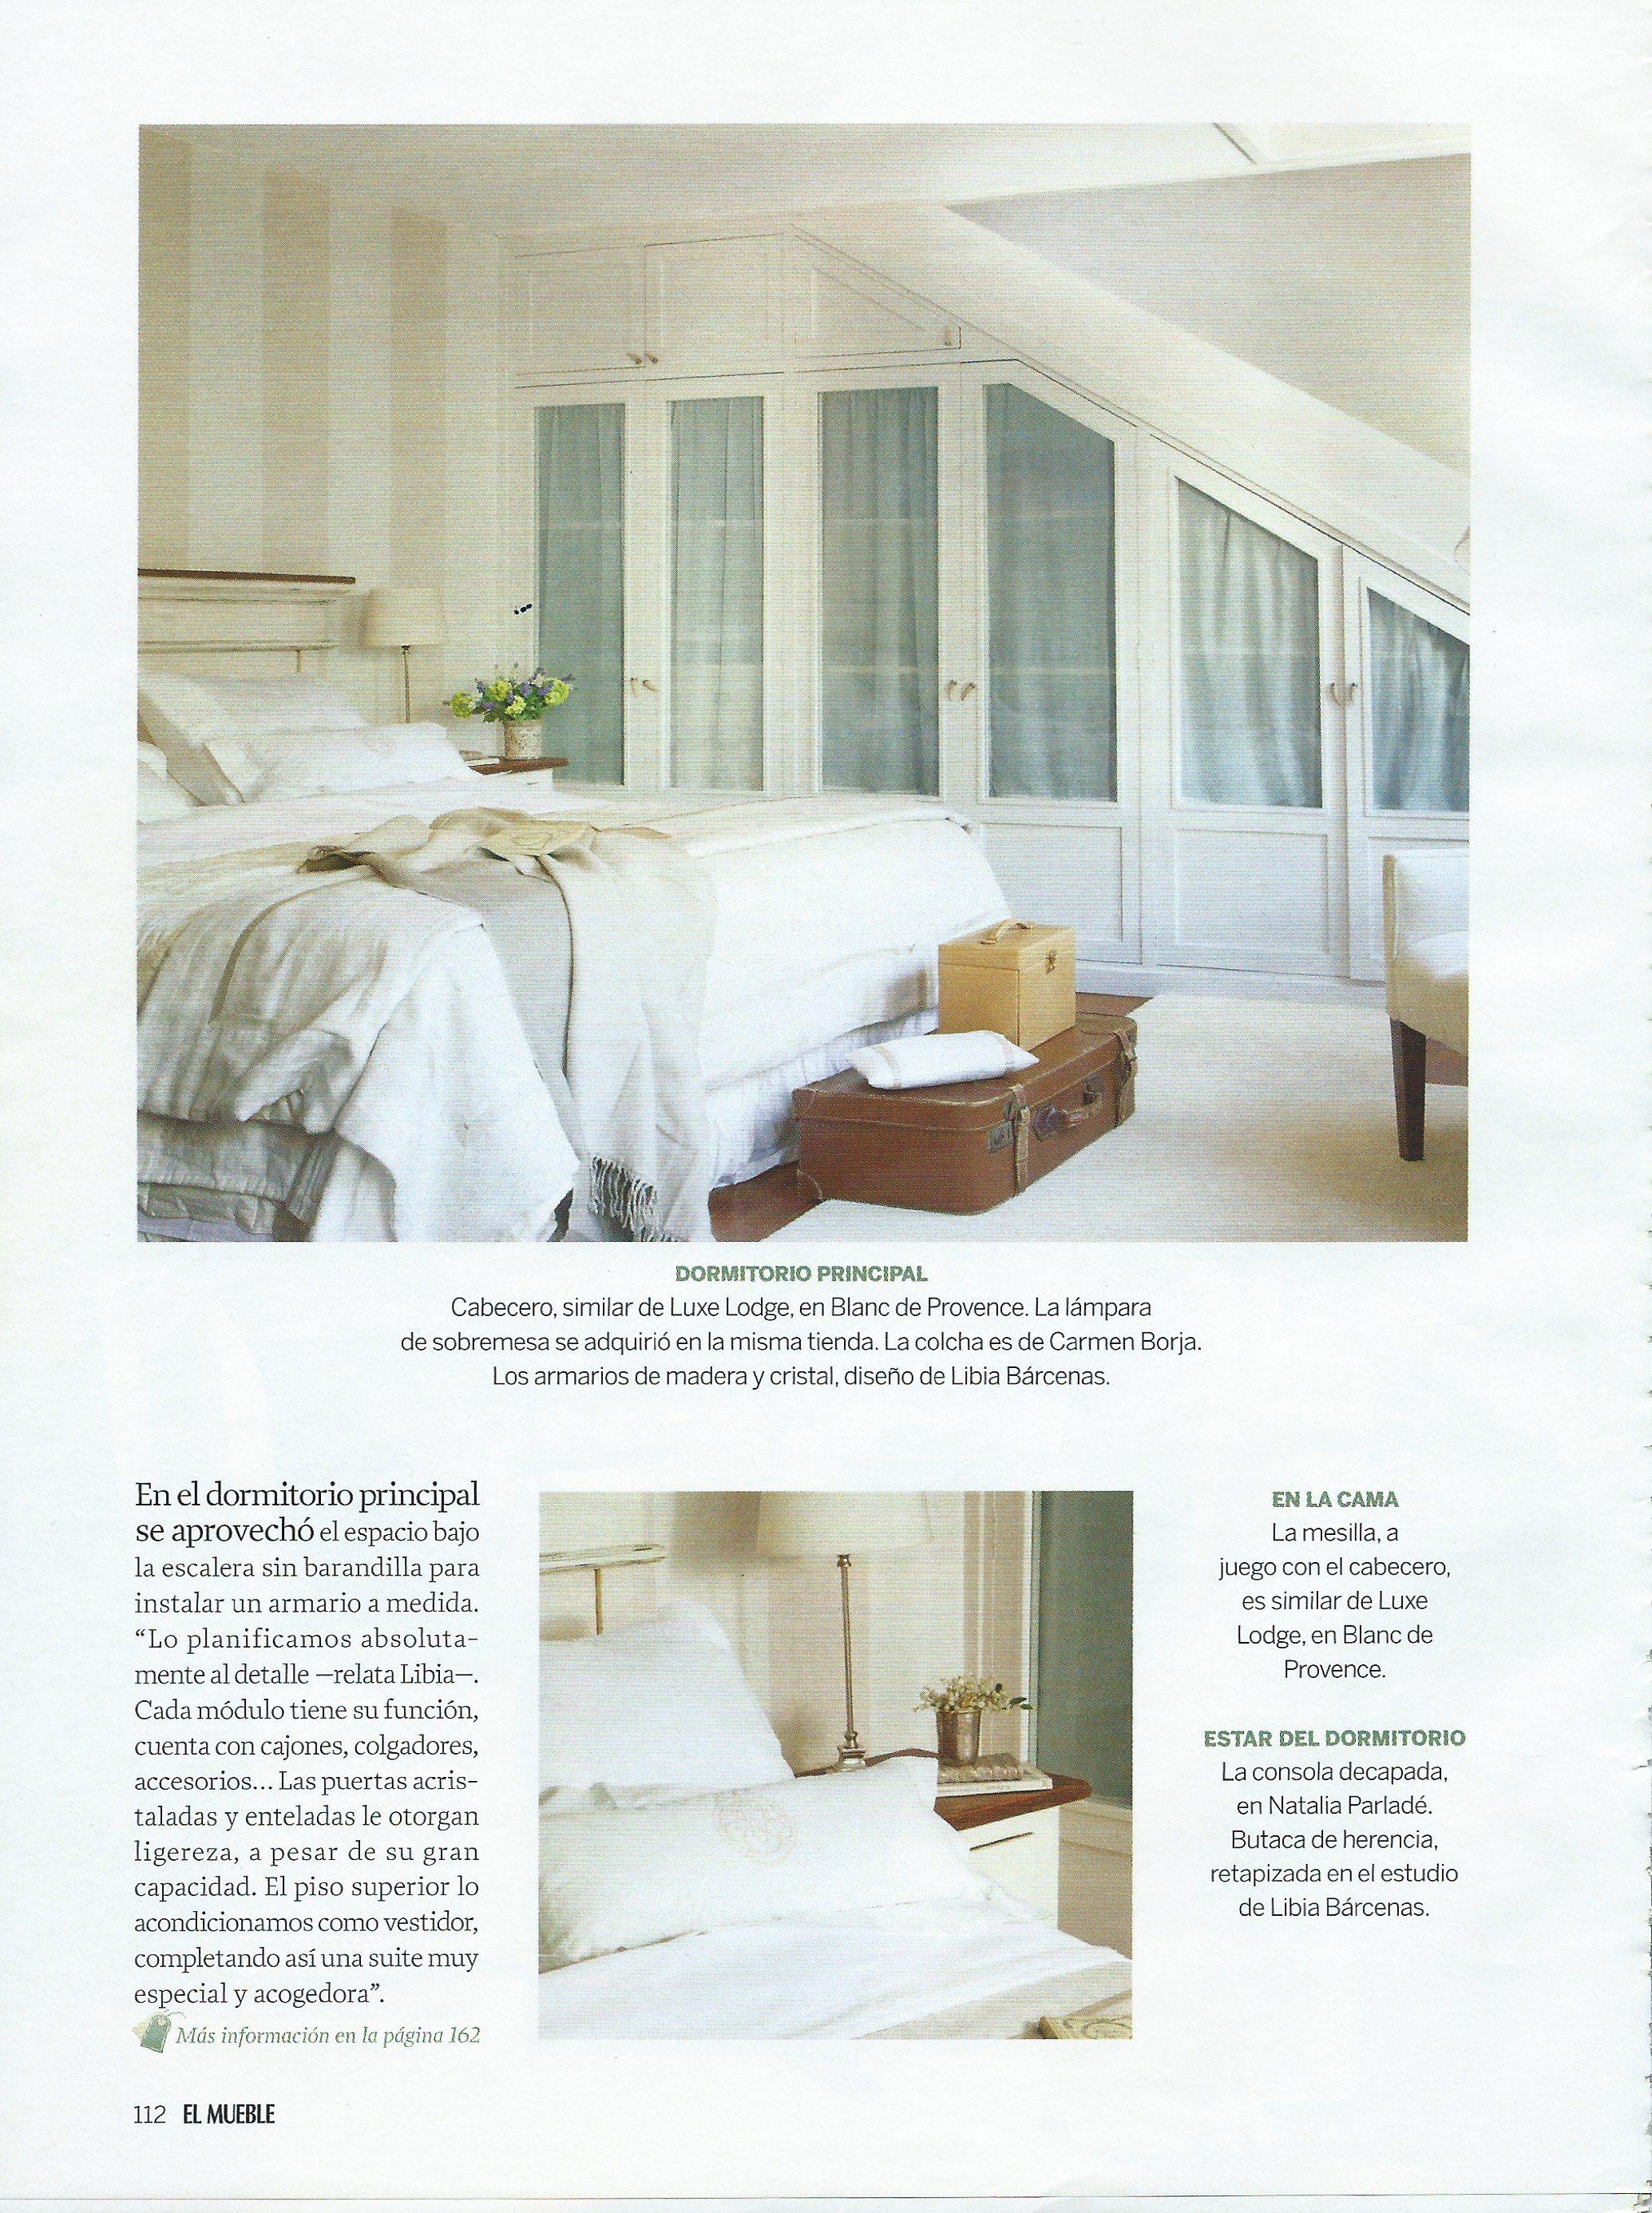 Dormitorio principal decorado por el estudio Libia Bárcenas